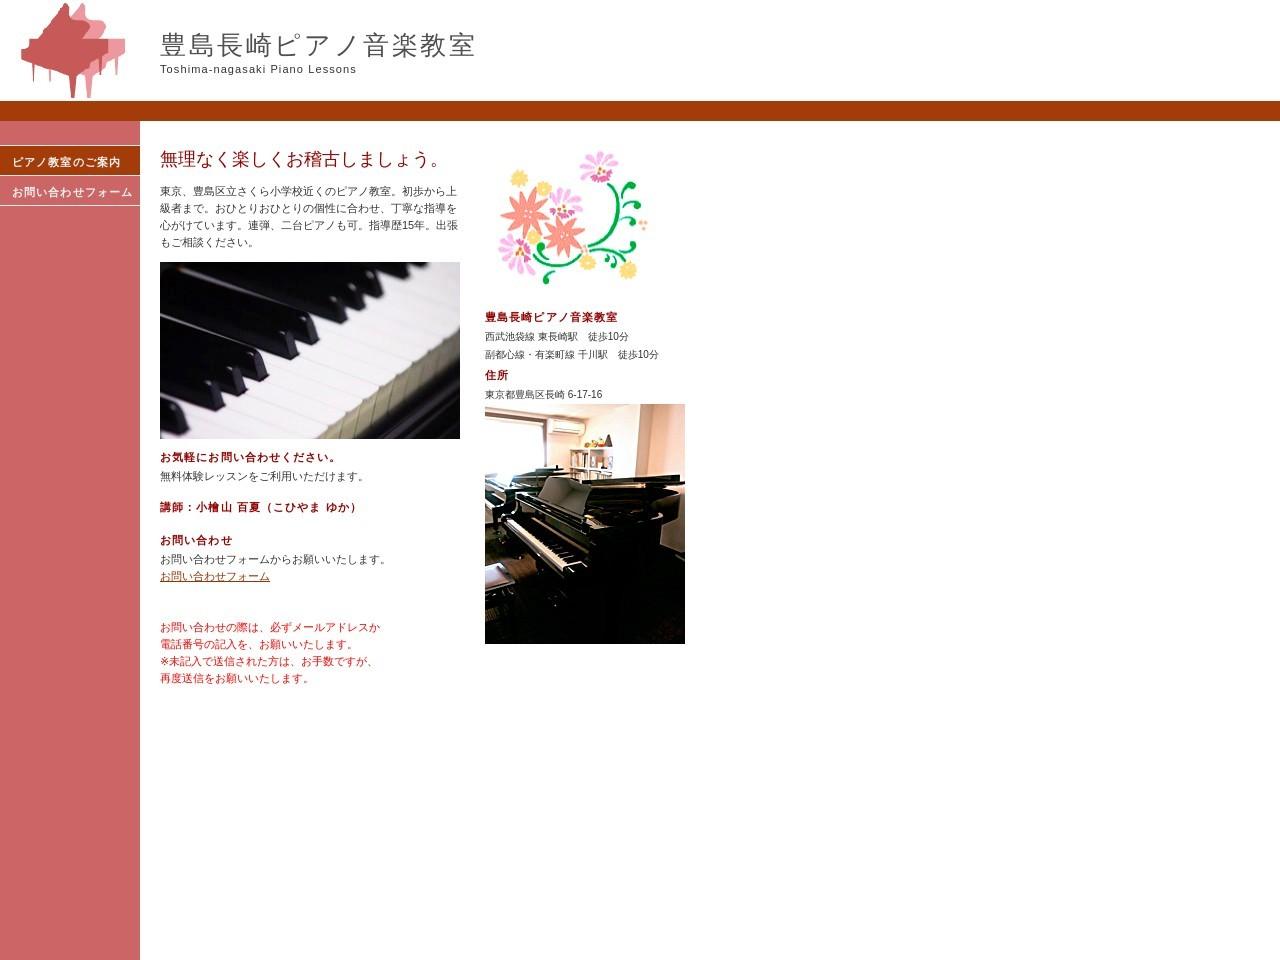 豊島長崎ピアノ音楽教室のサムネイル